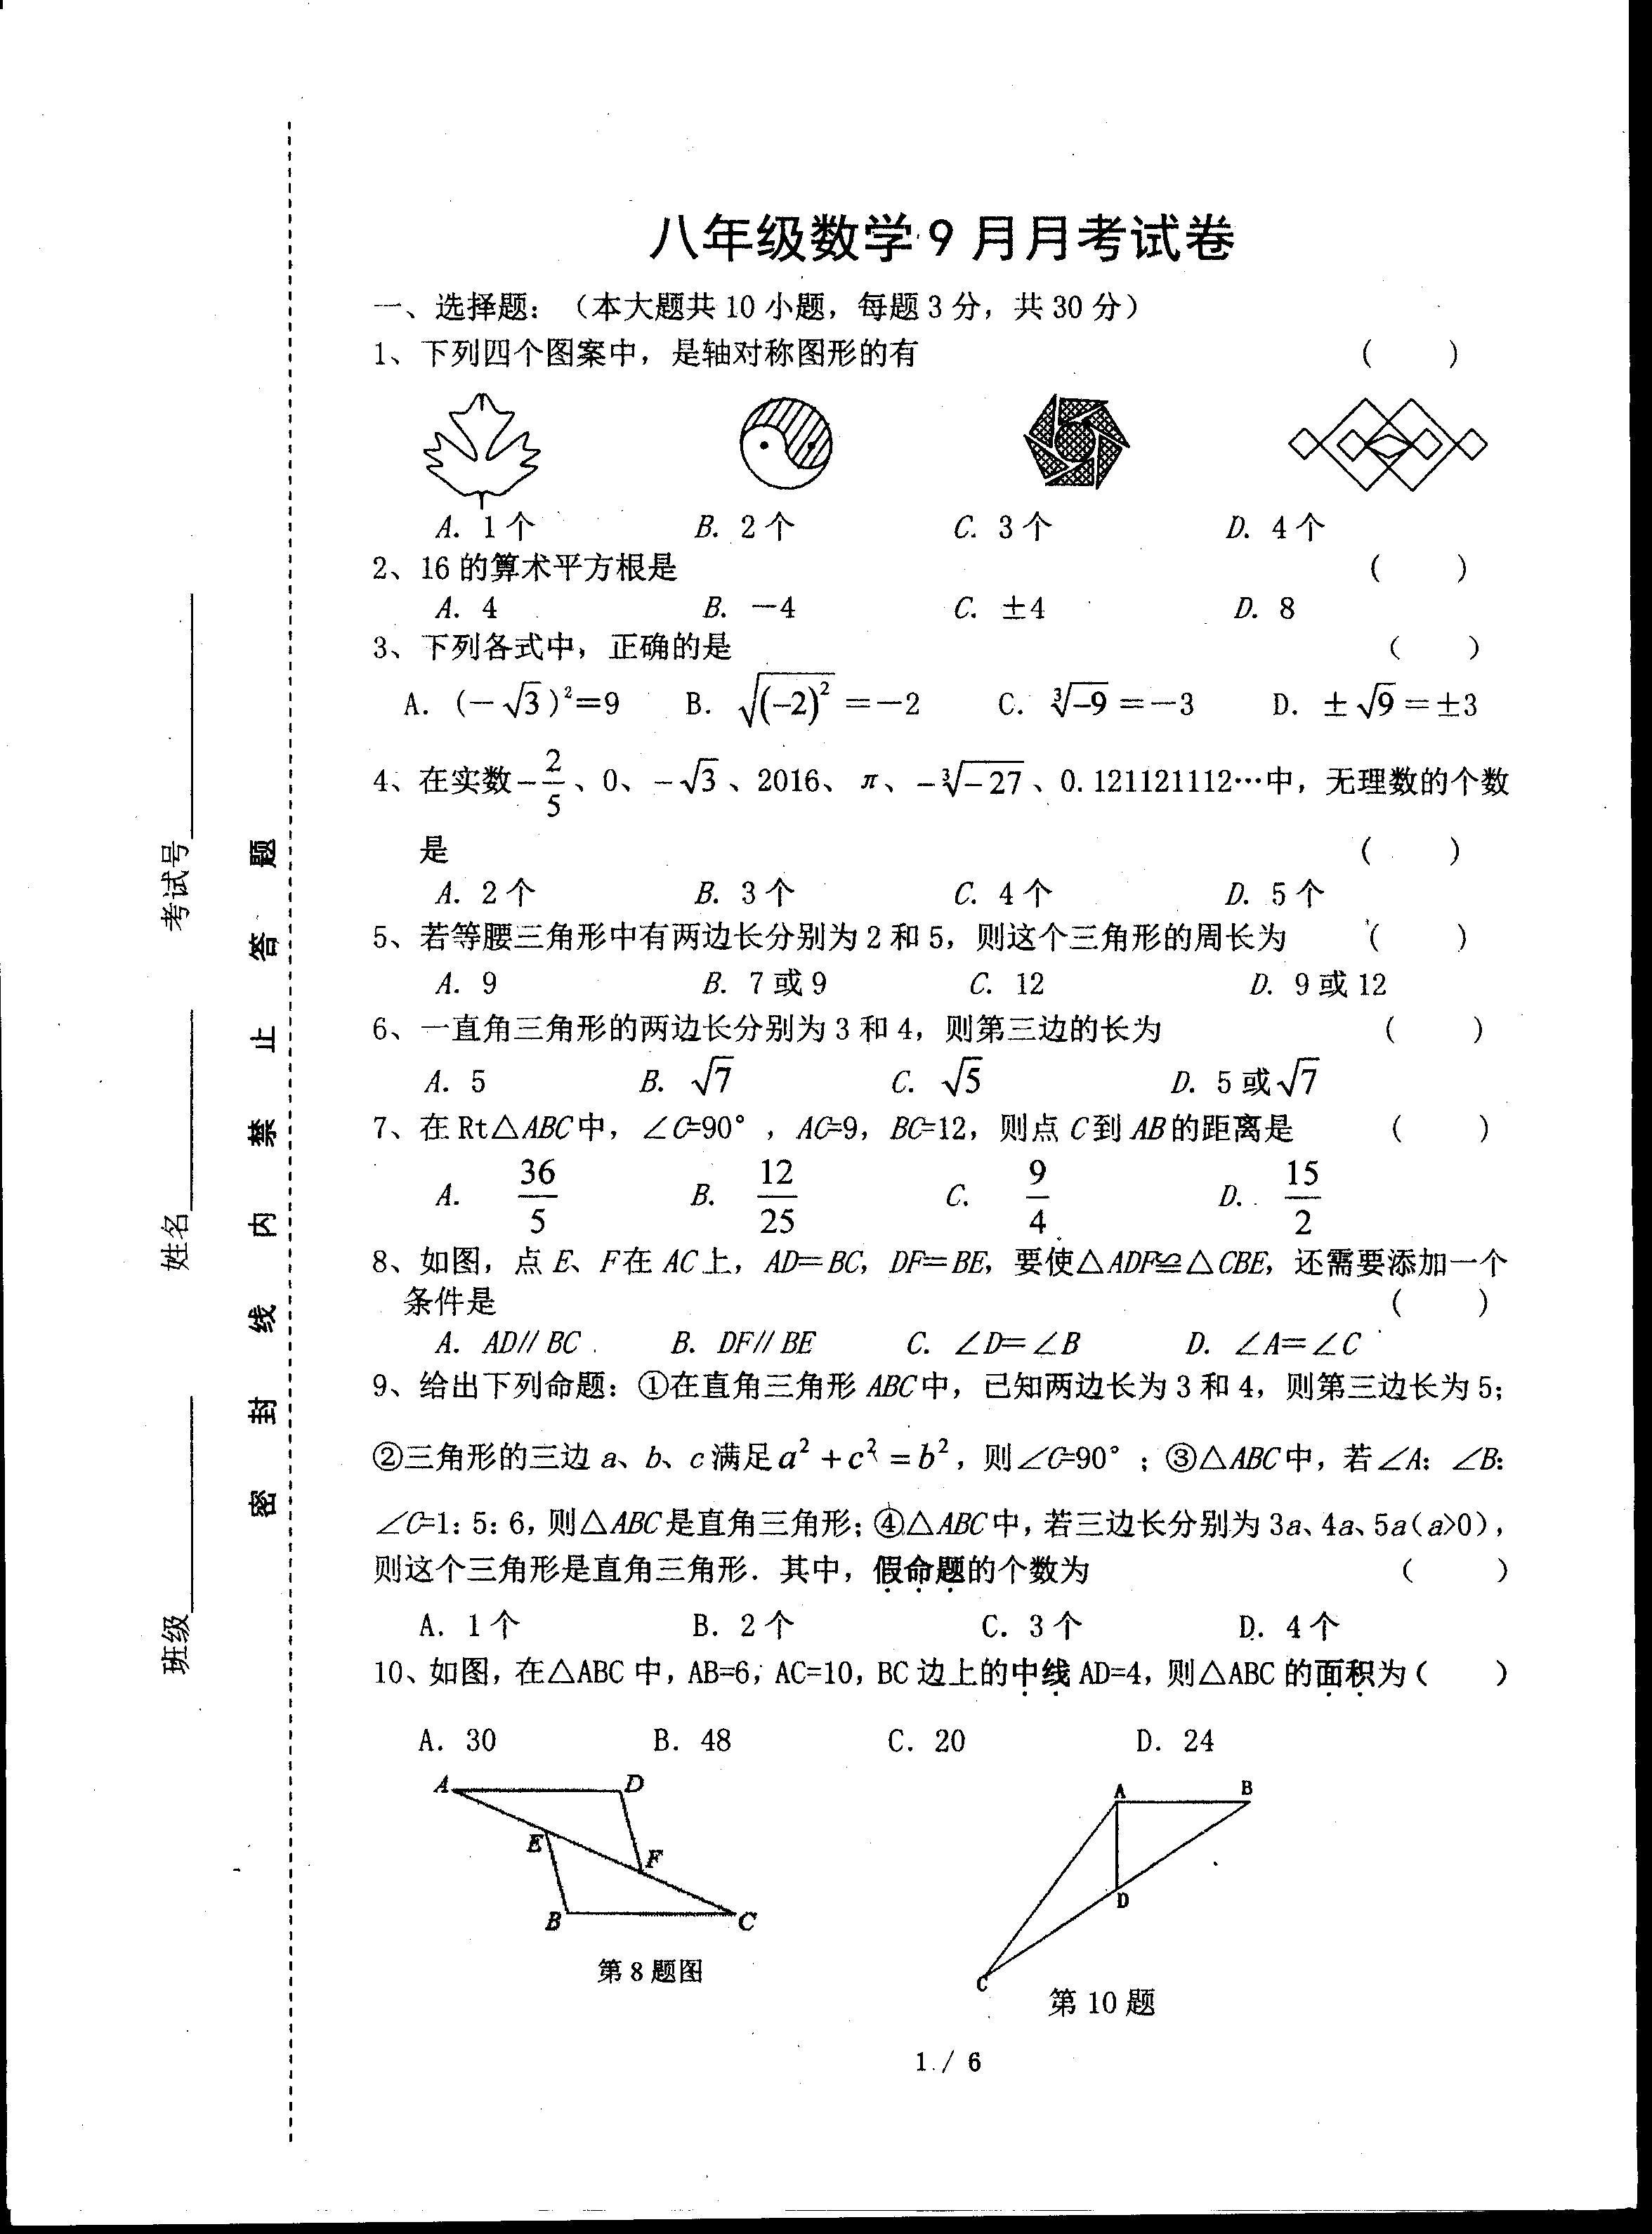 2017-2018江苏无锡羊尖中学初二上9月月考数学试题(图片版)